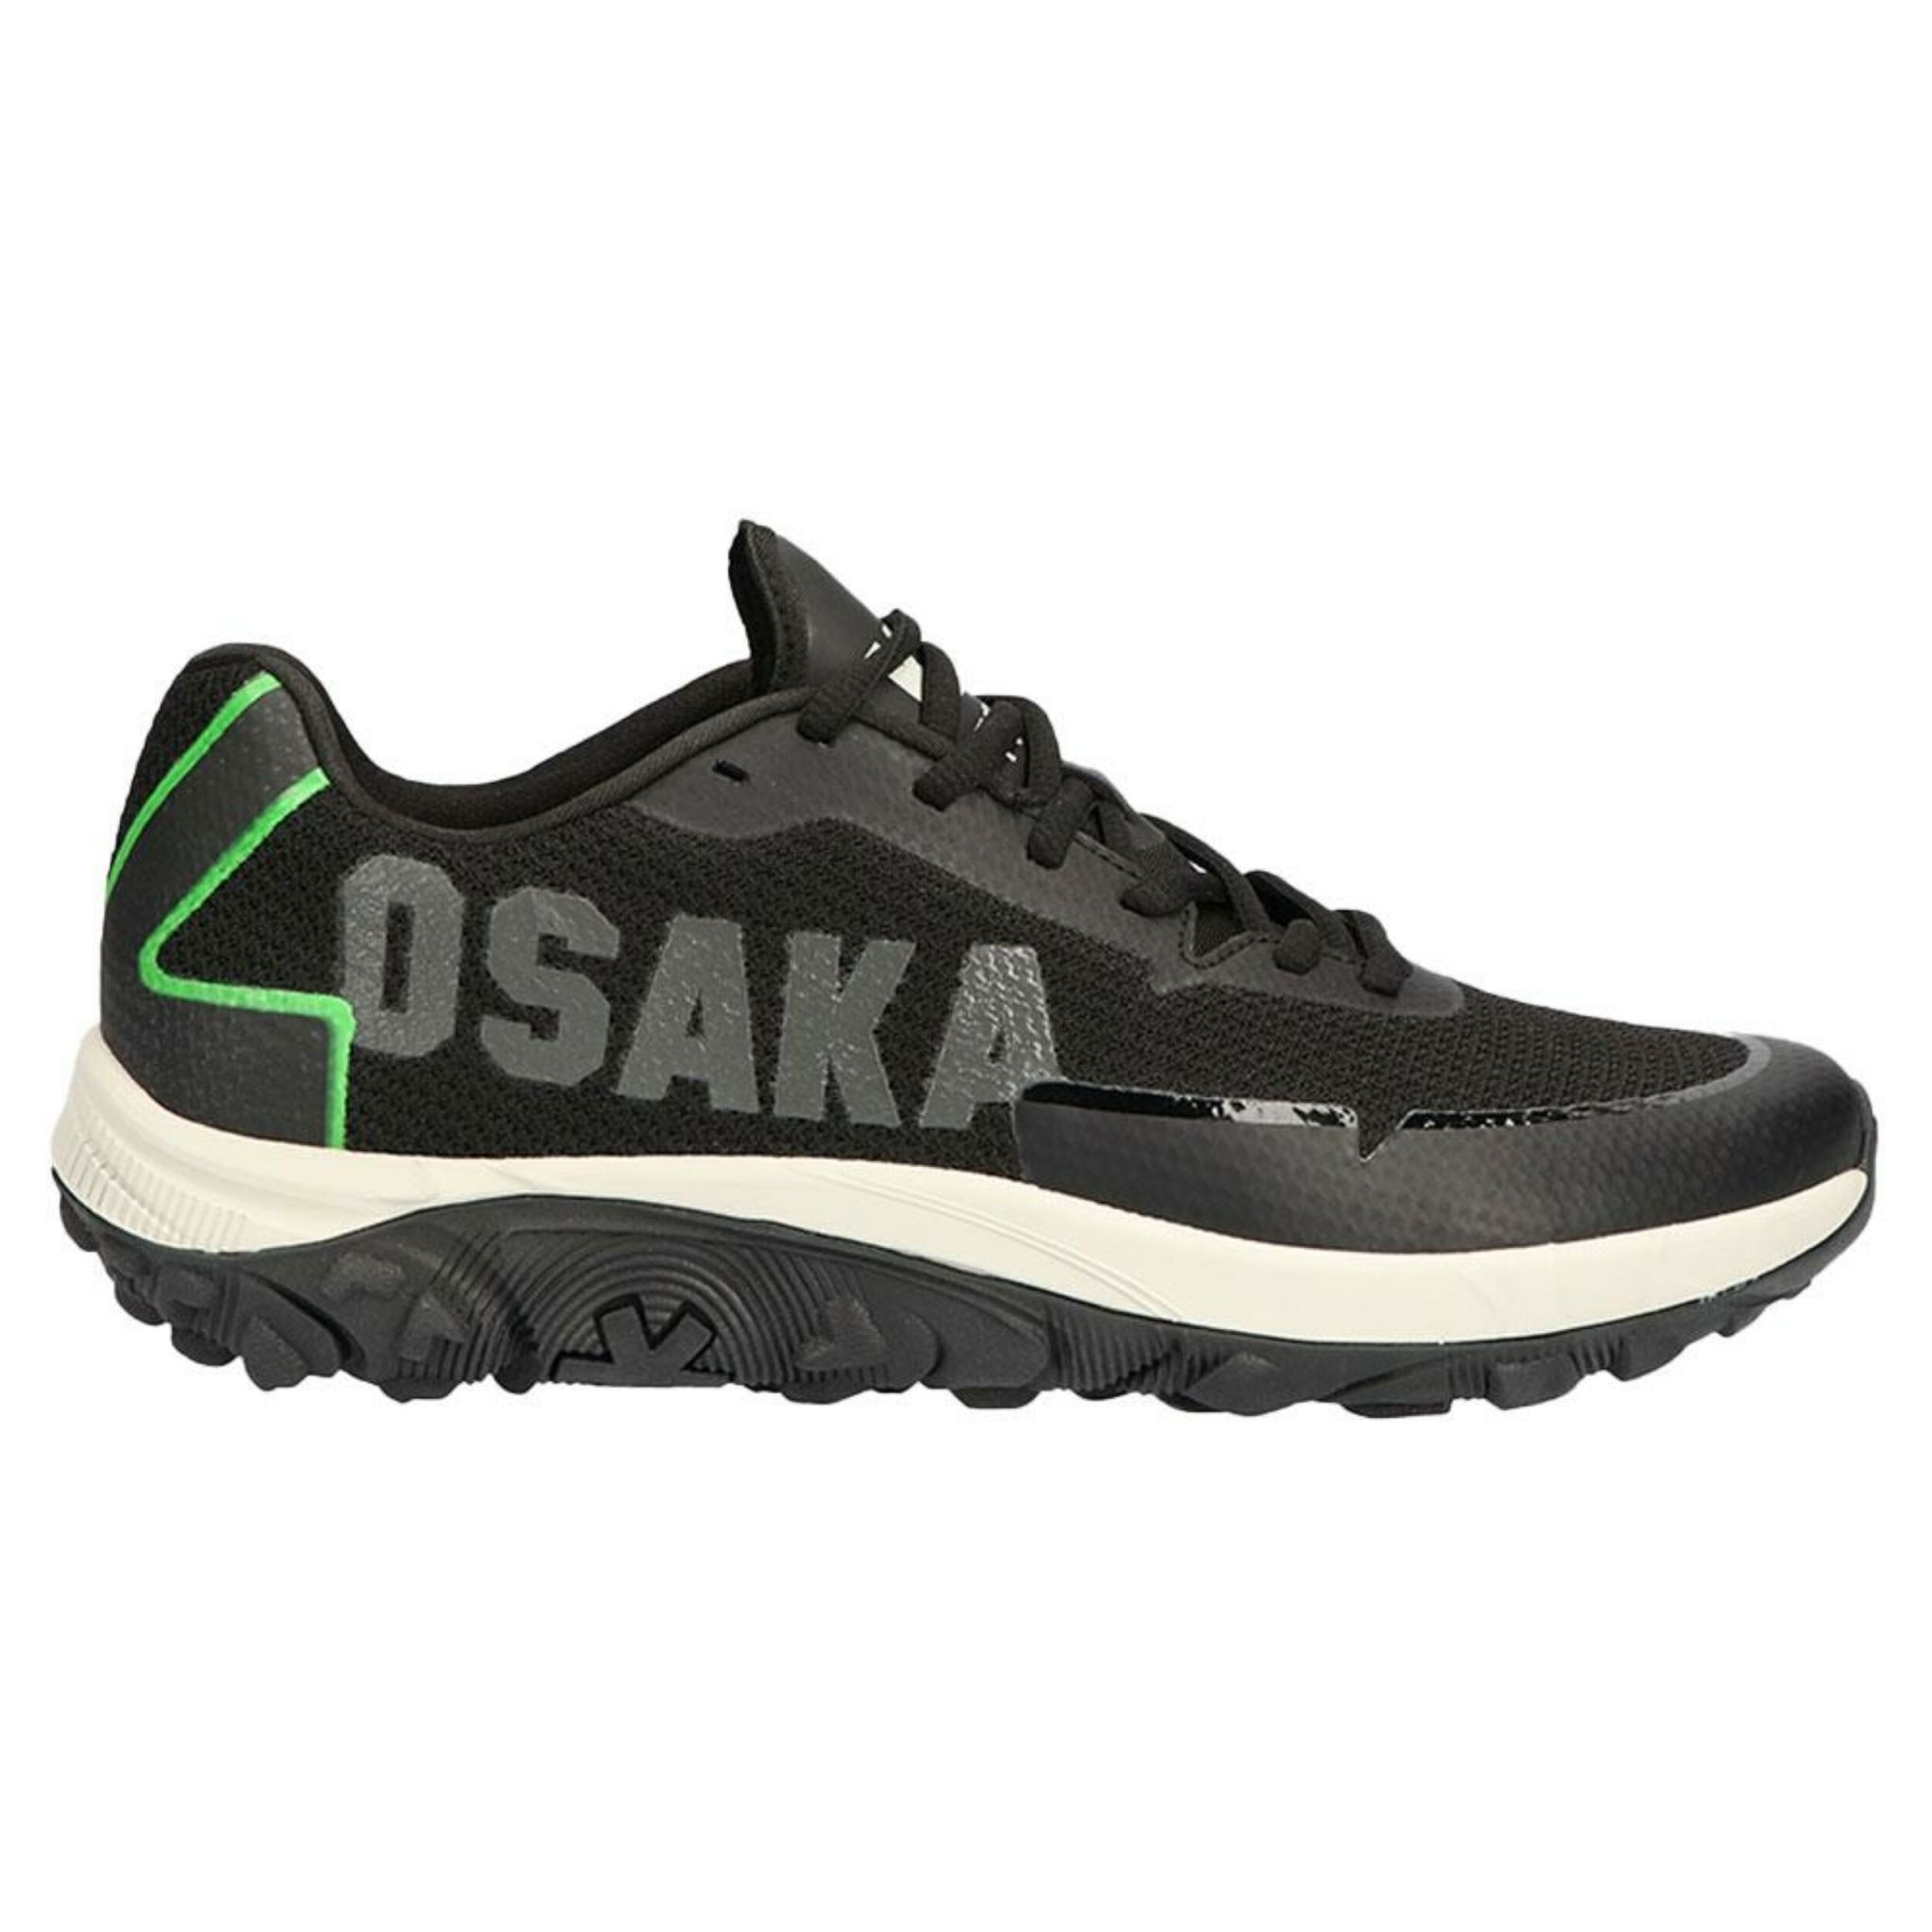 Osaka Osaka Kai MK1 iconic black